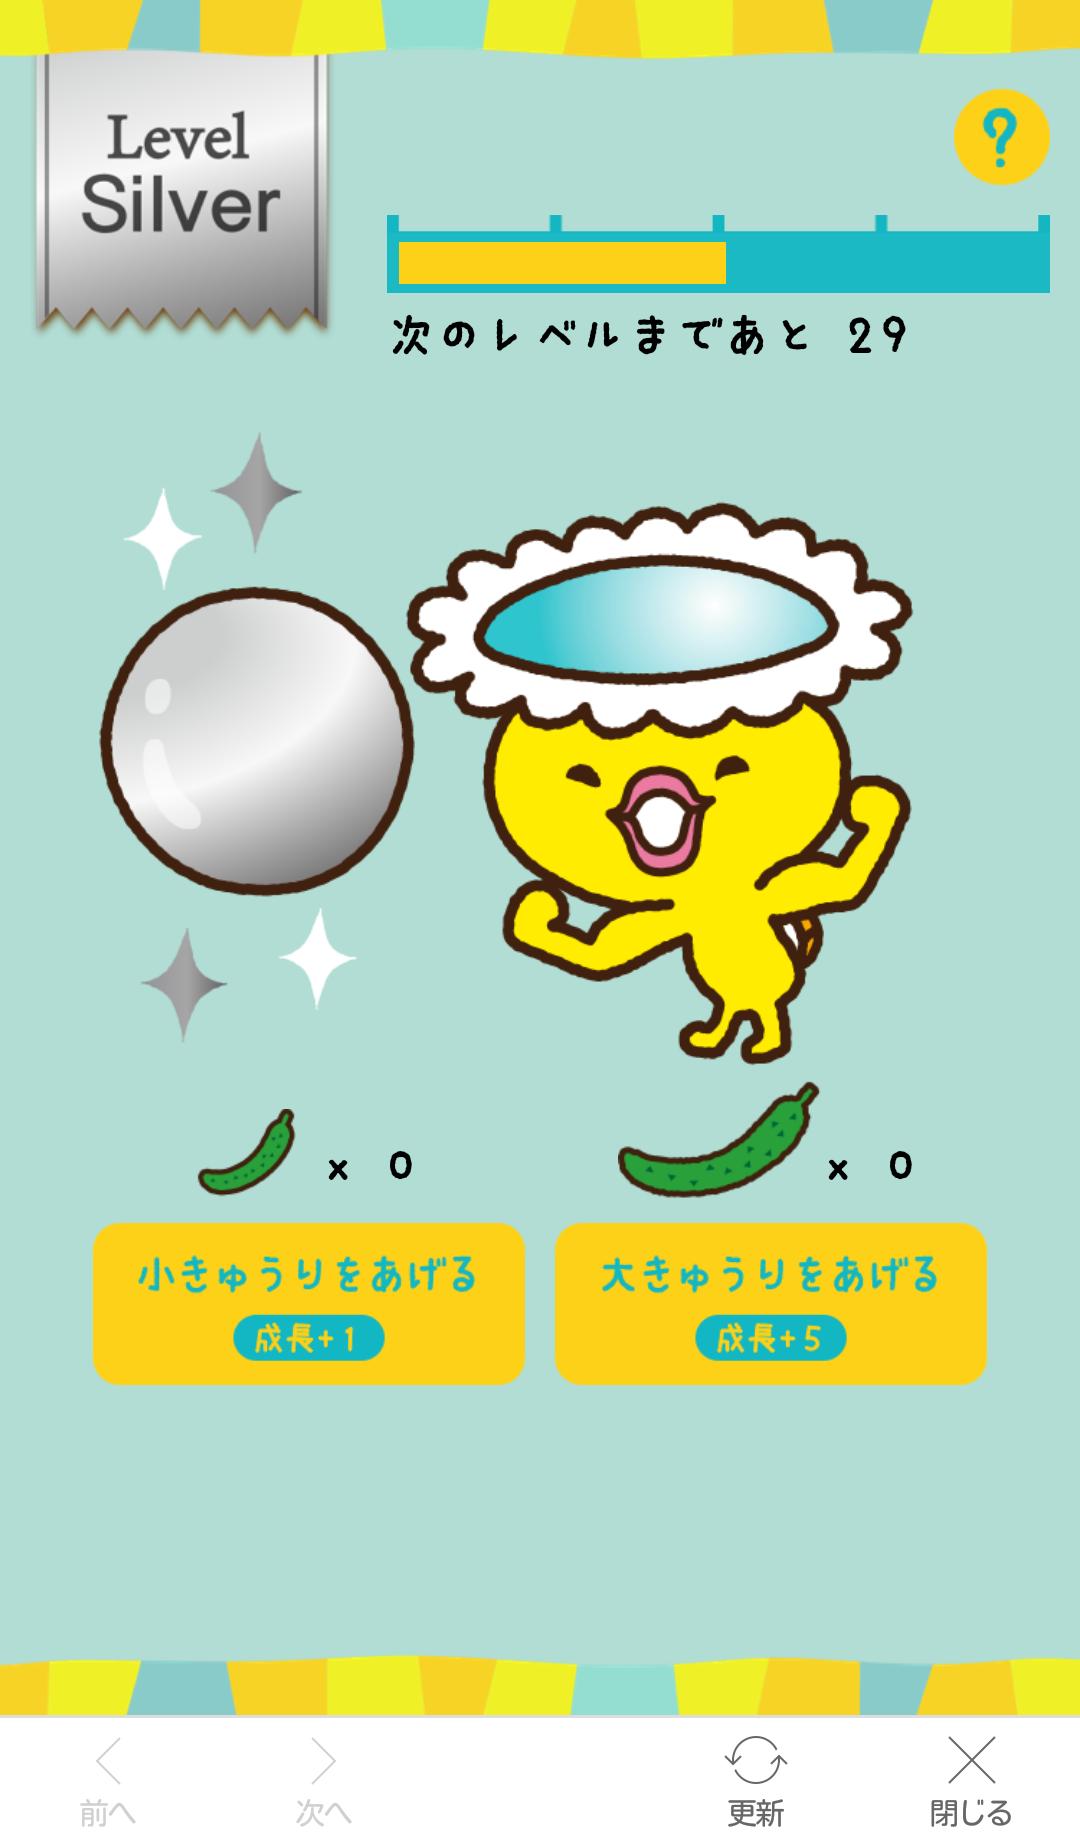 メルスアプリスクショ2.png